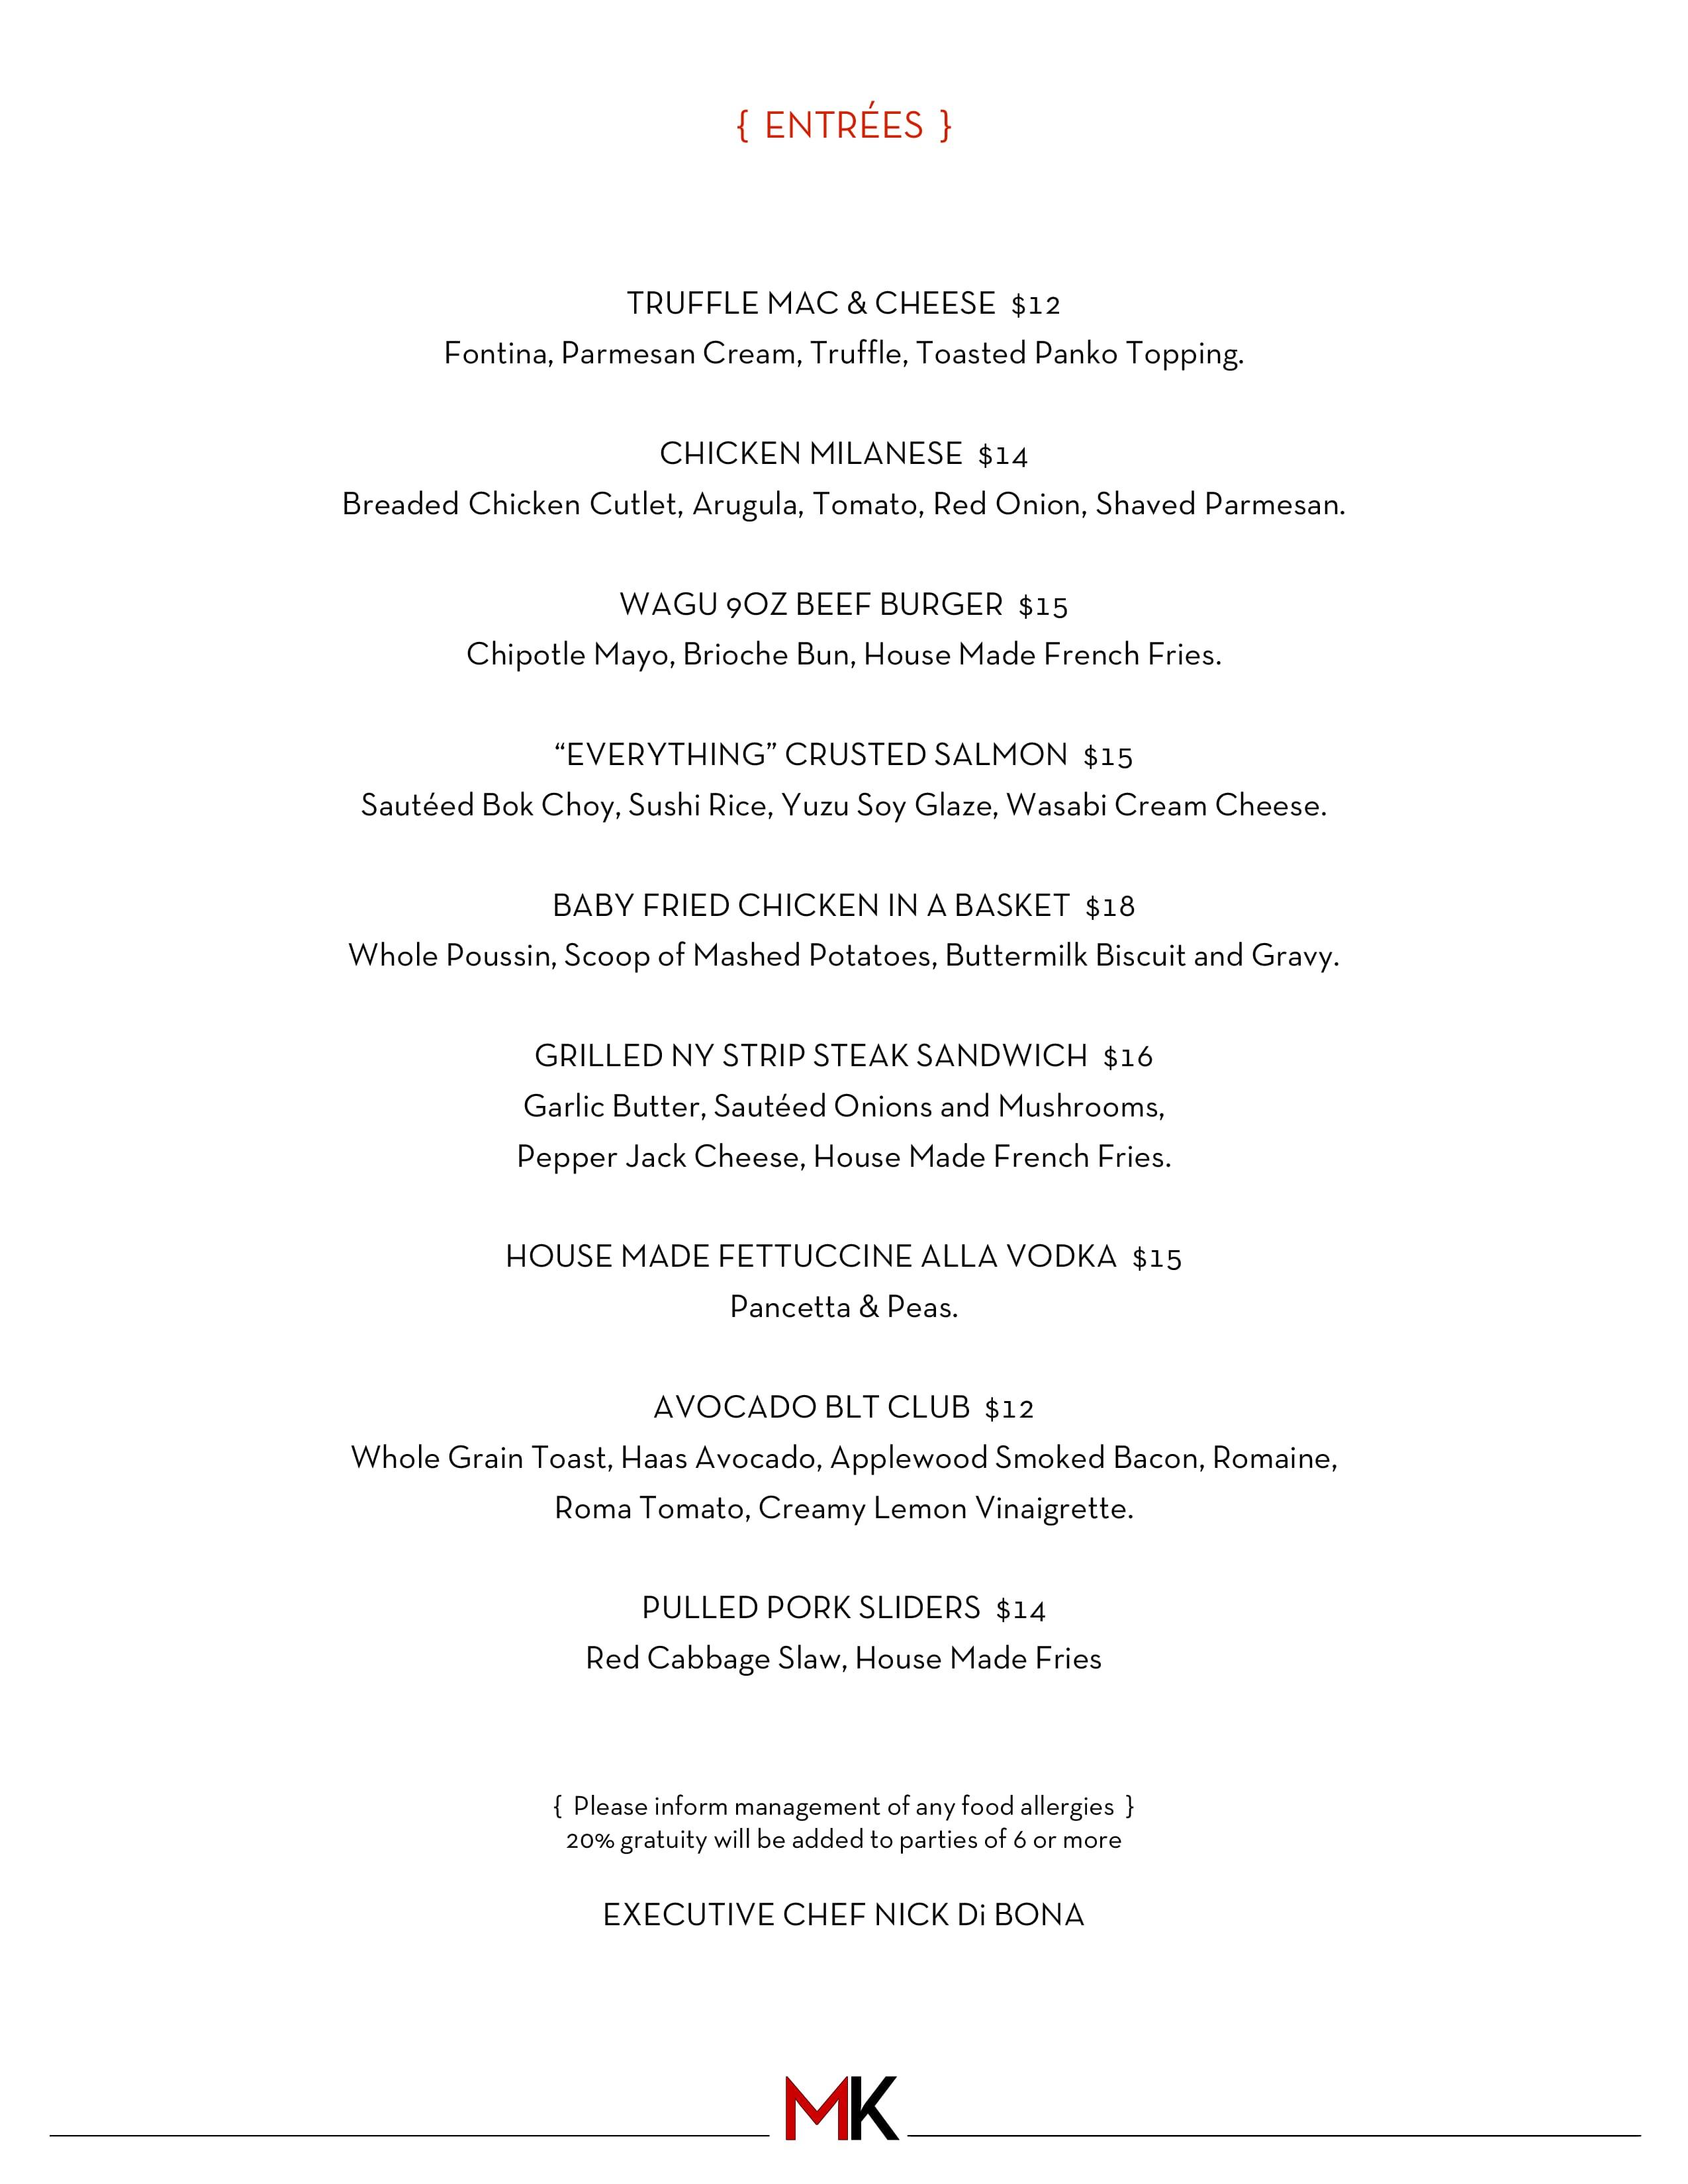 madison kitchen menu, menu for madison kitchen, larchmont